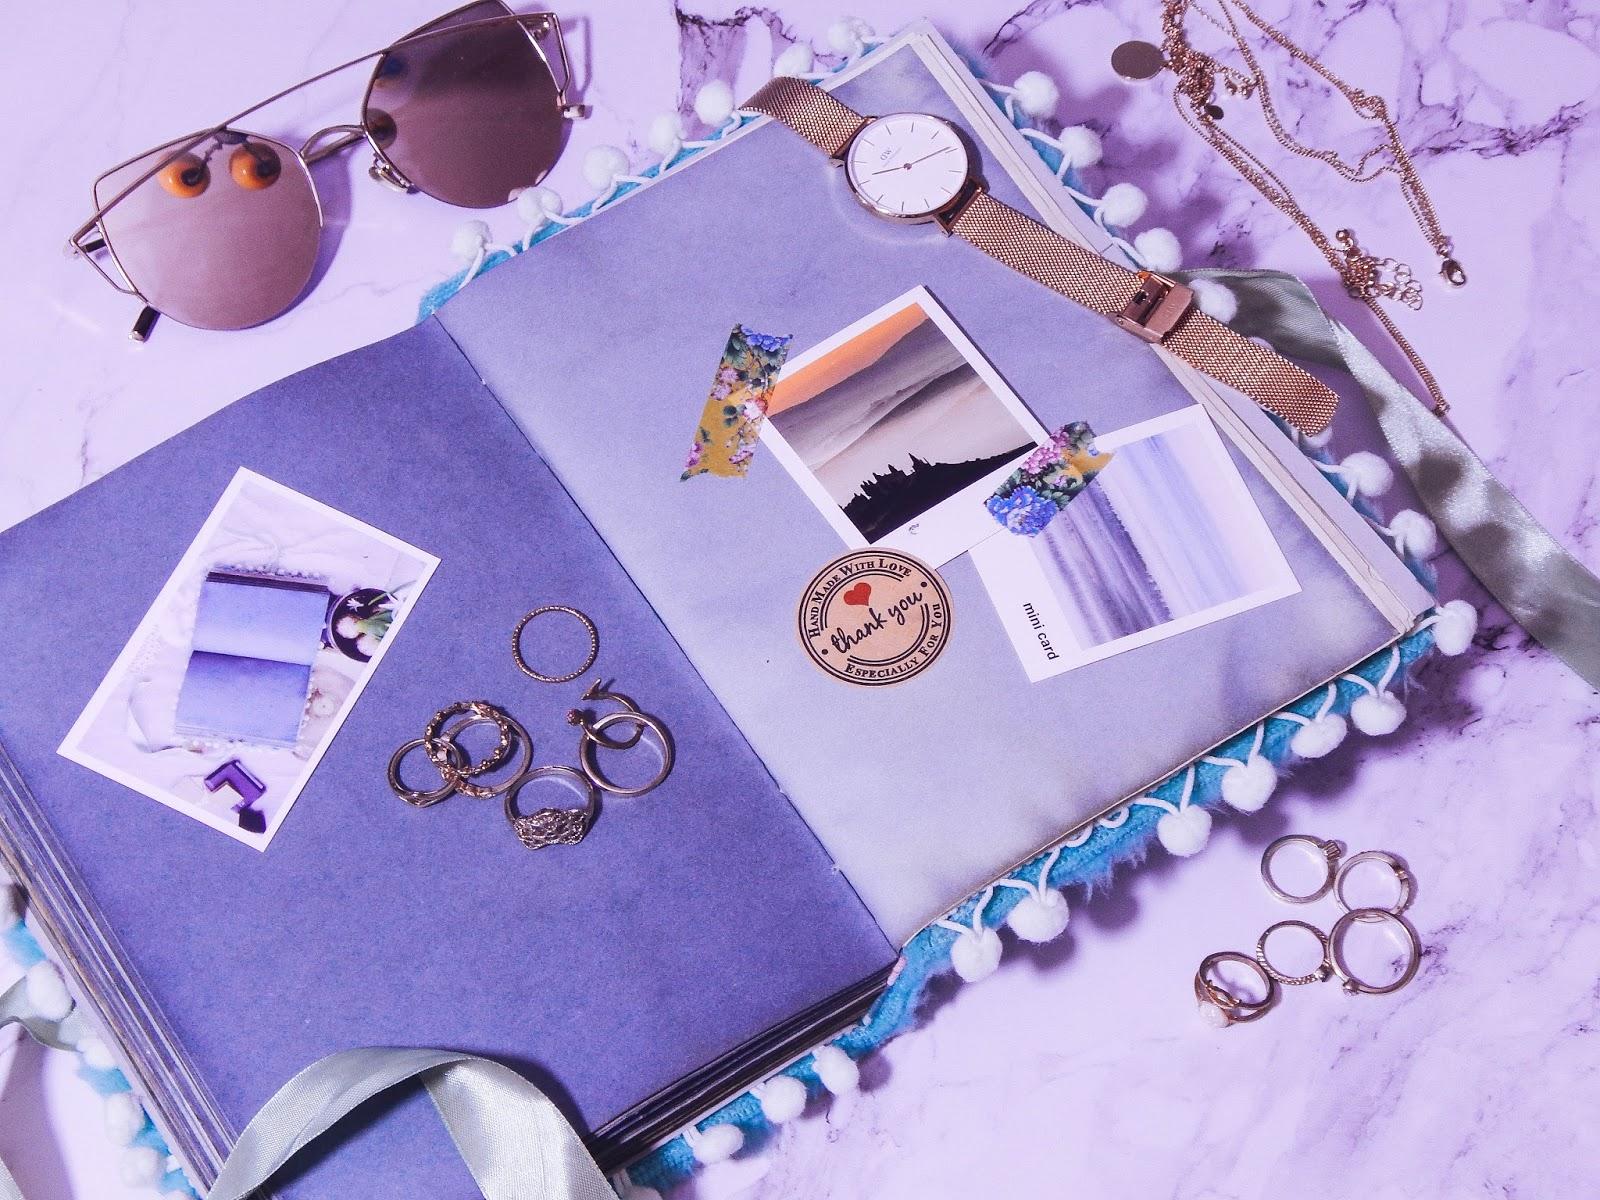 5 ręcznie robione zeszyty notatniki kalendarze notes w miękkiej futrzanej oprawie koty ciekawy nietypowy pomysł na prezent upominek ciekawe gadżety notatnik notes handmade